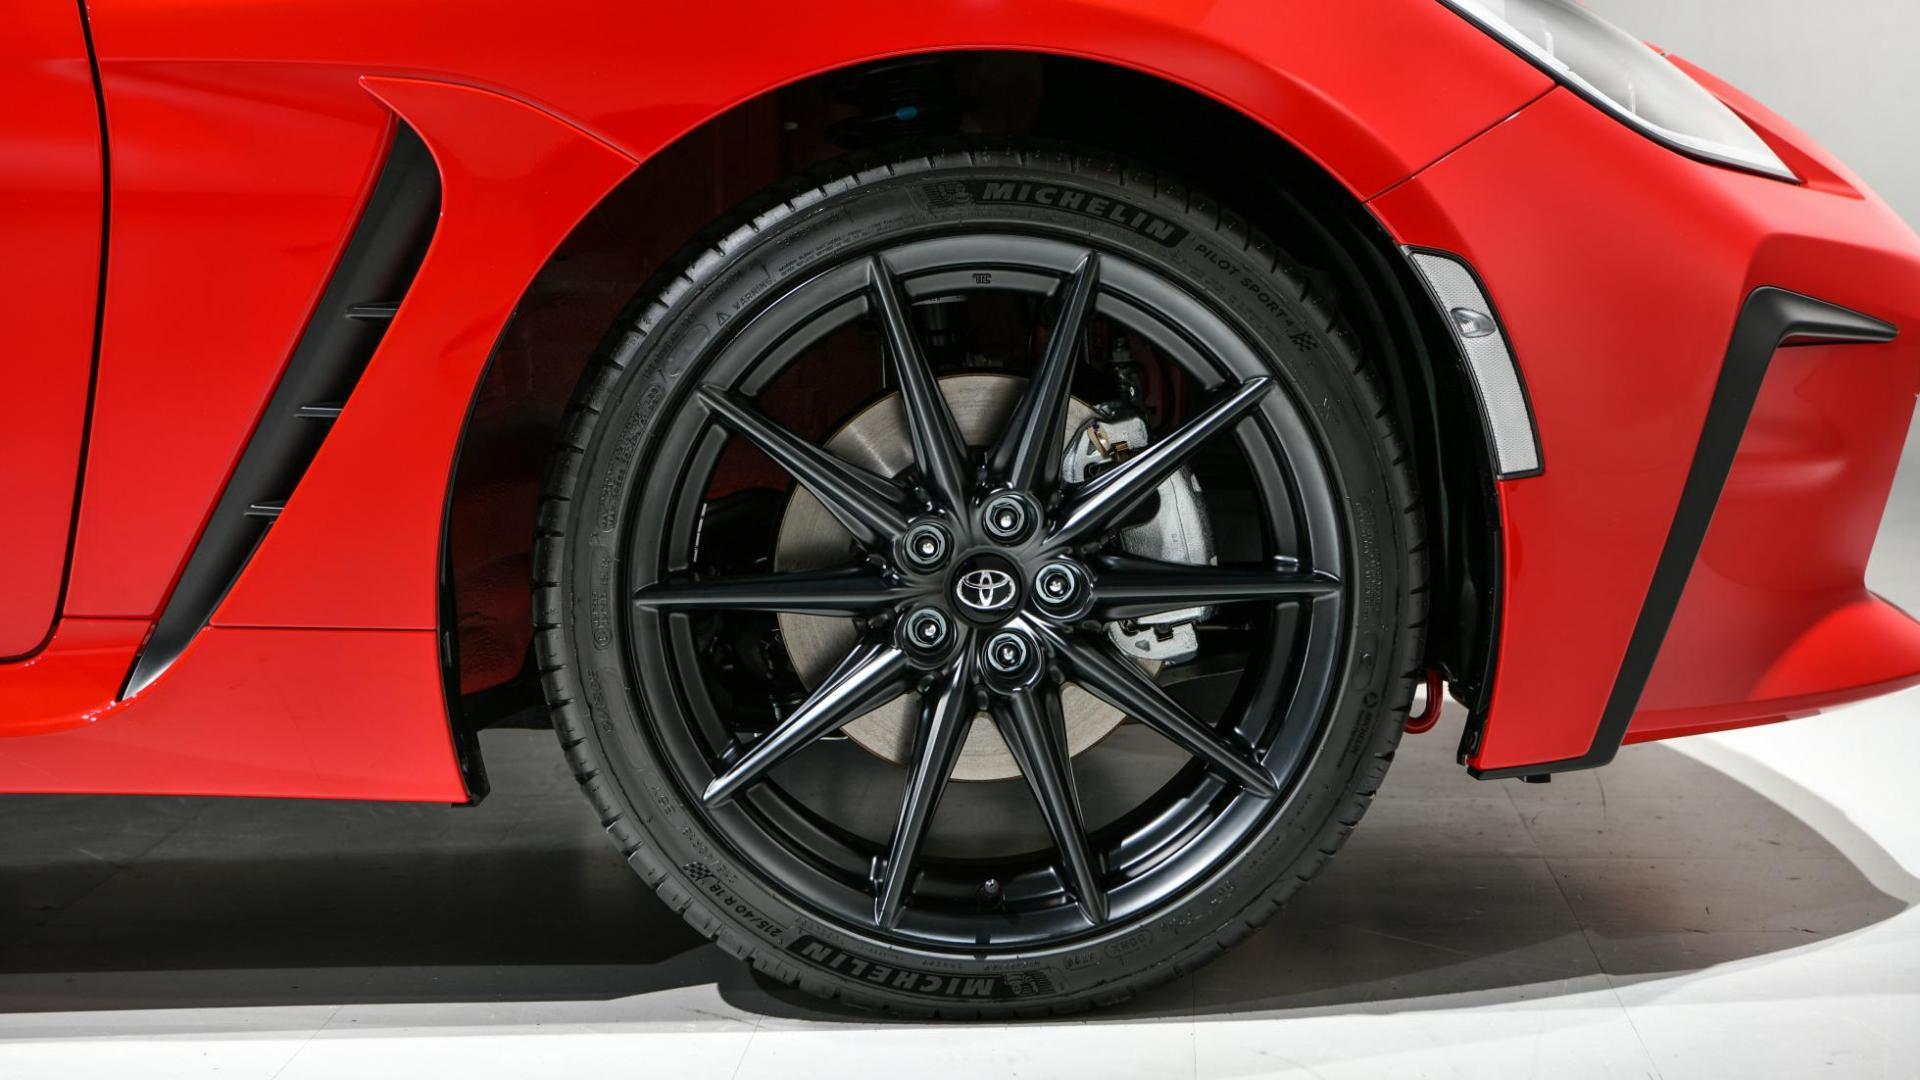 Velgen met Michelin-banden Toyota GR 86 (2021)